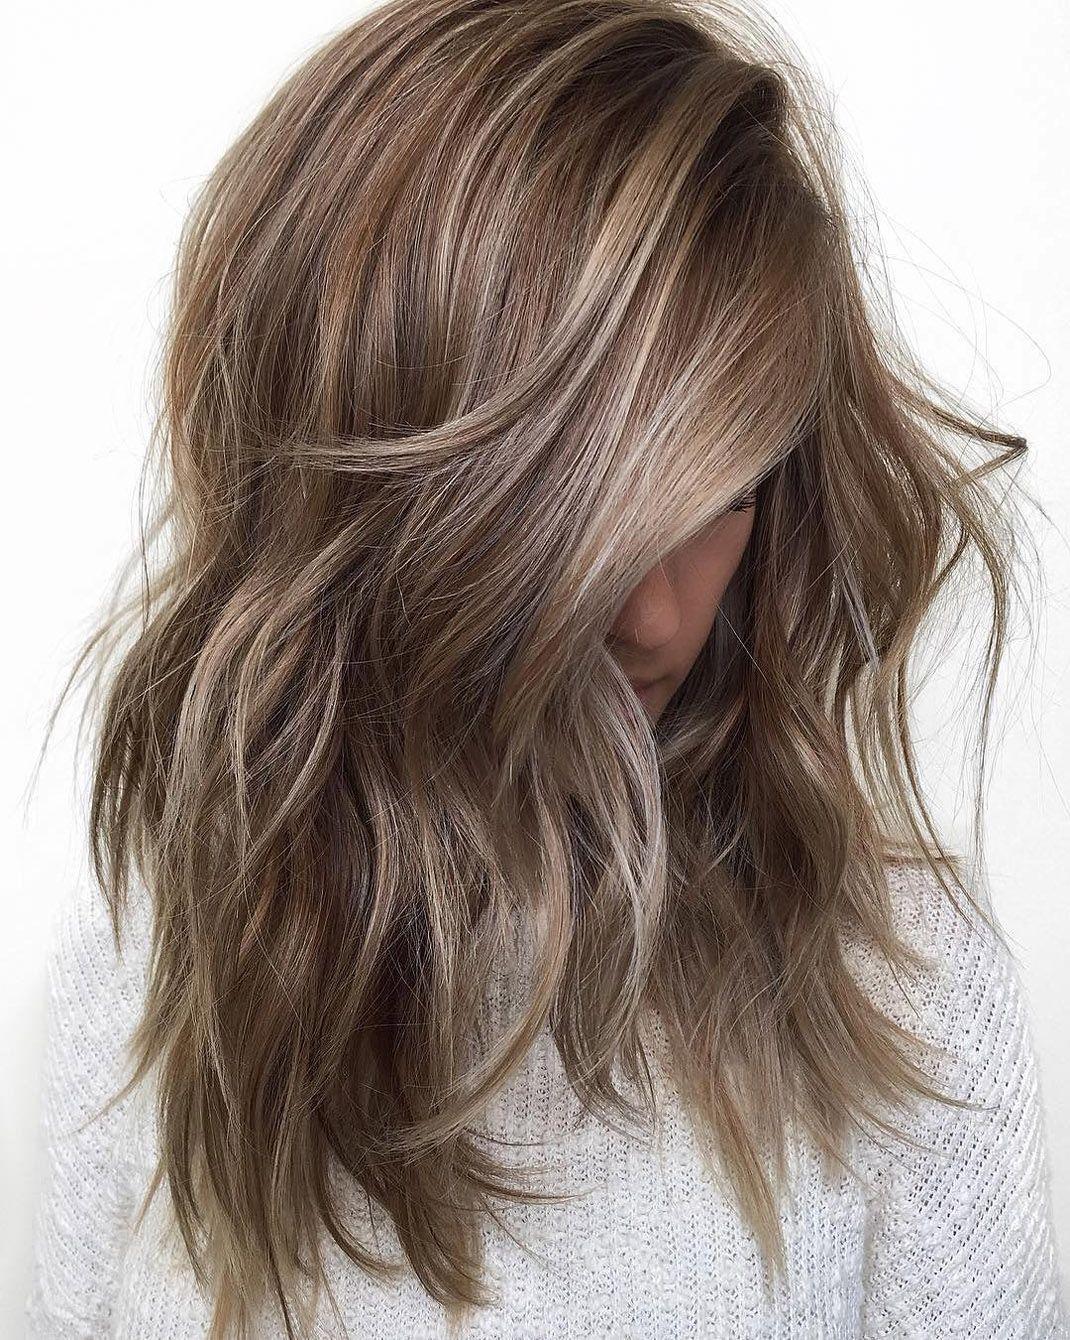 10 Medium Length Hair Color Ideas 2018 Hair Styles Medium Hair Color Hair Lengths